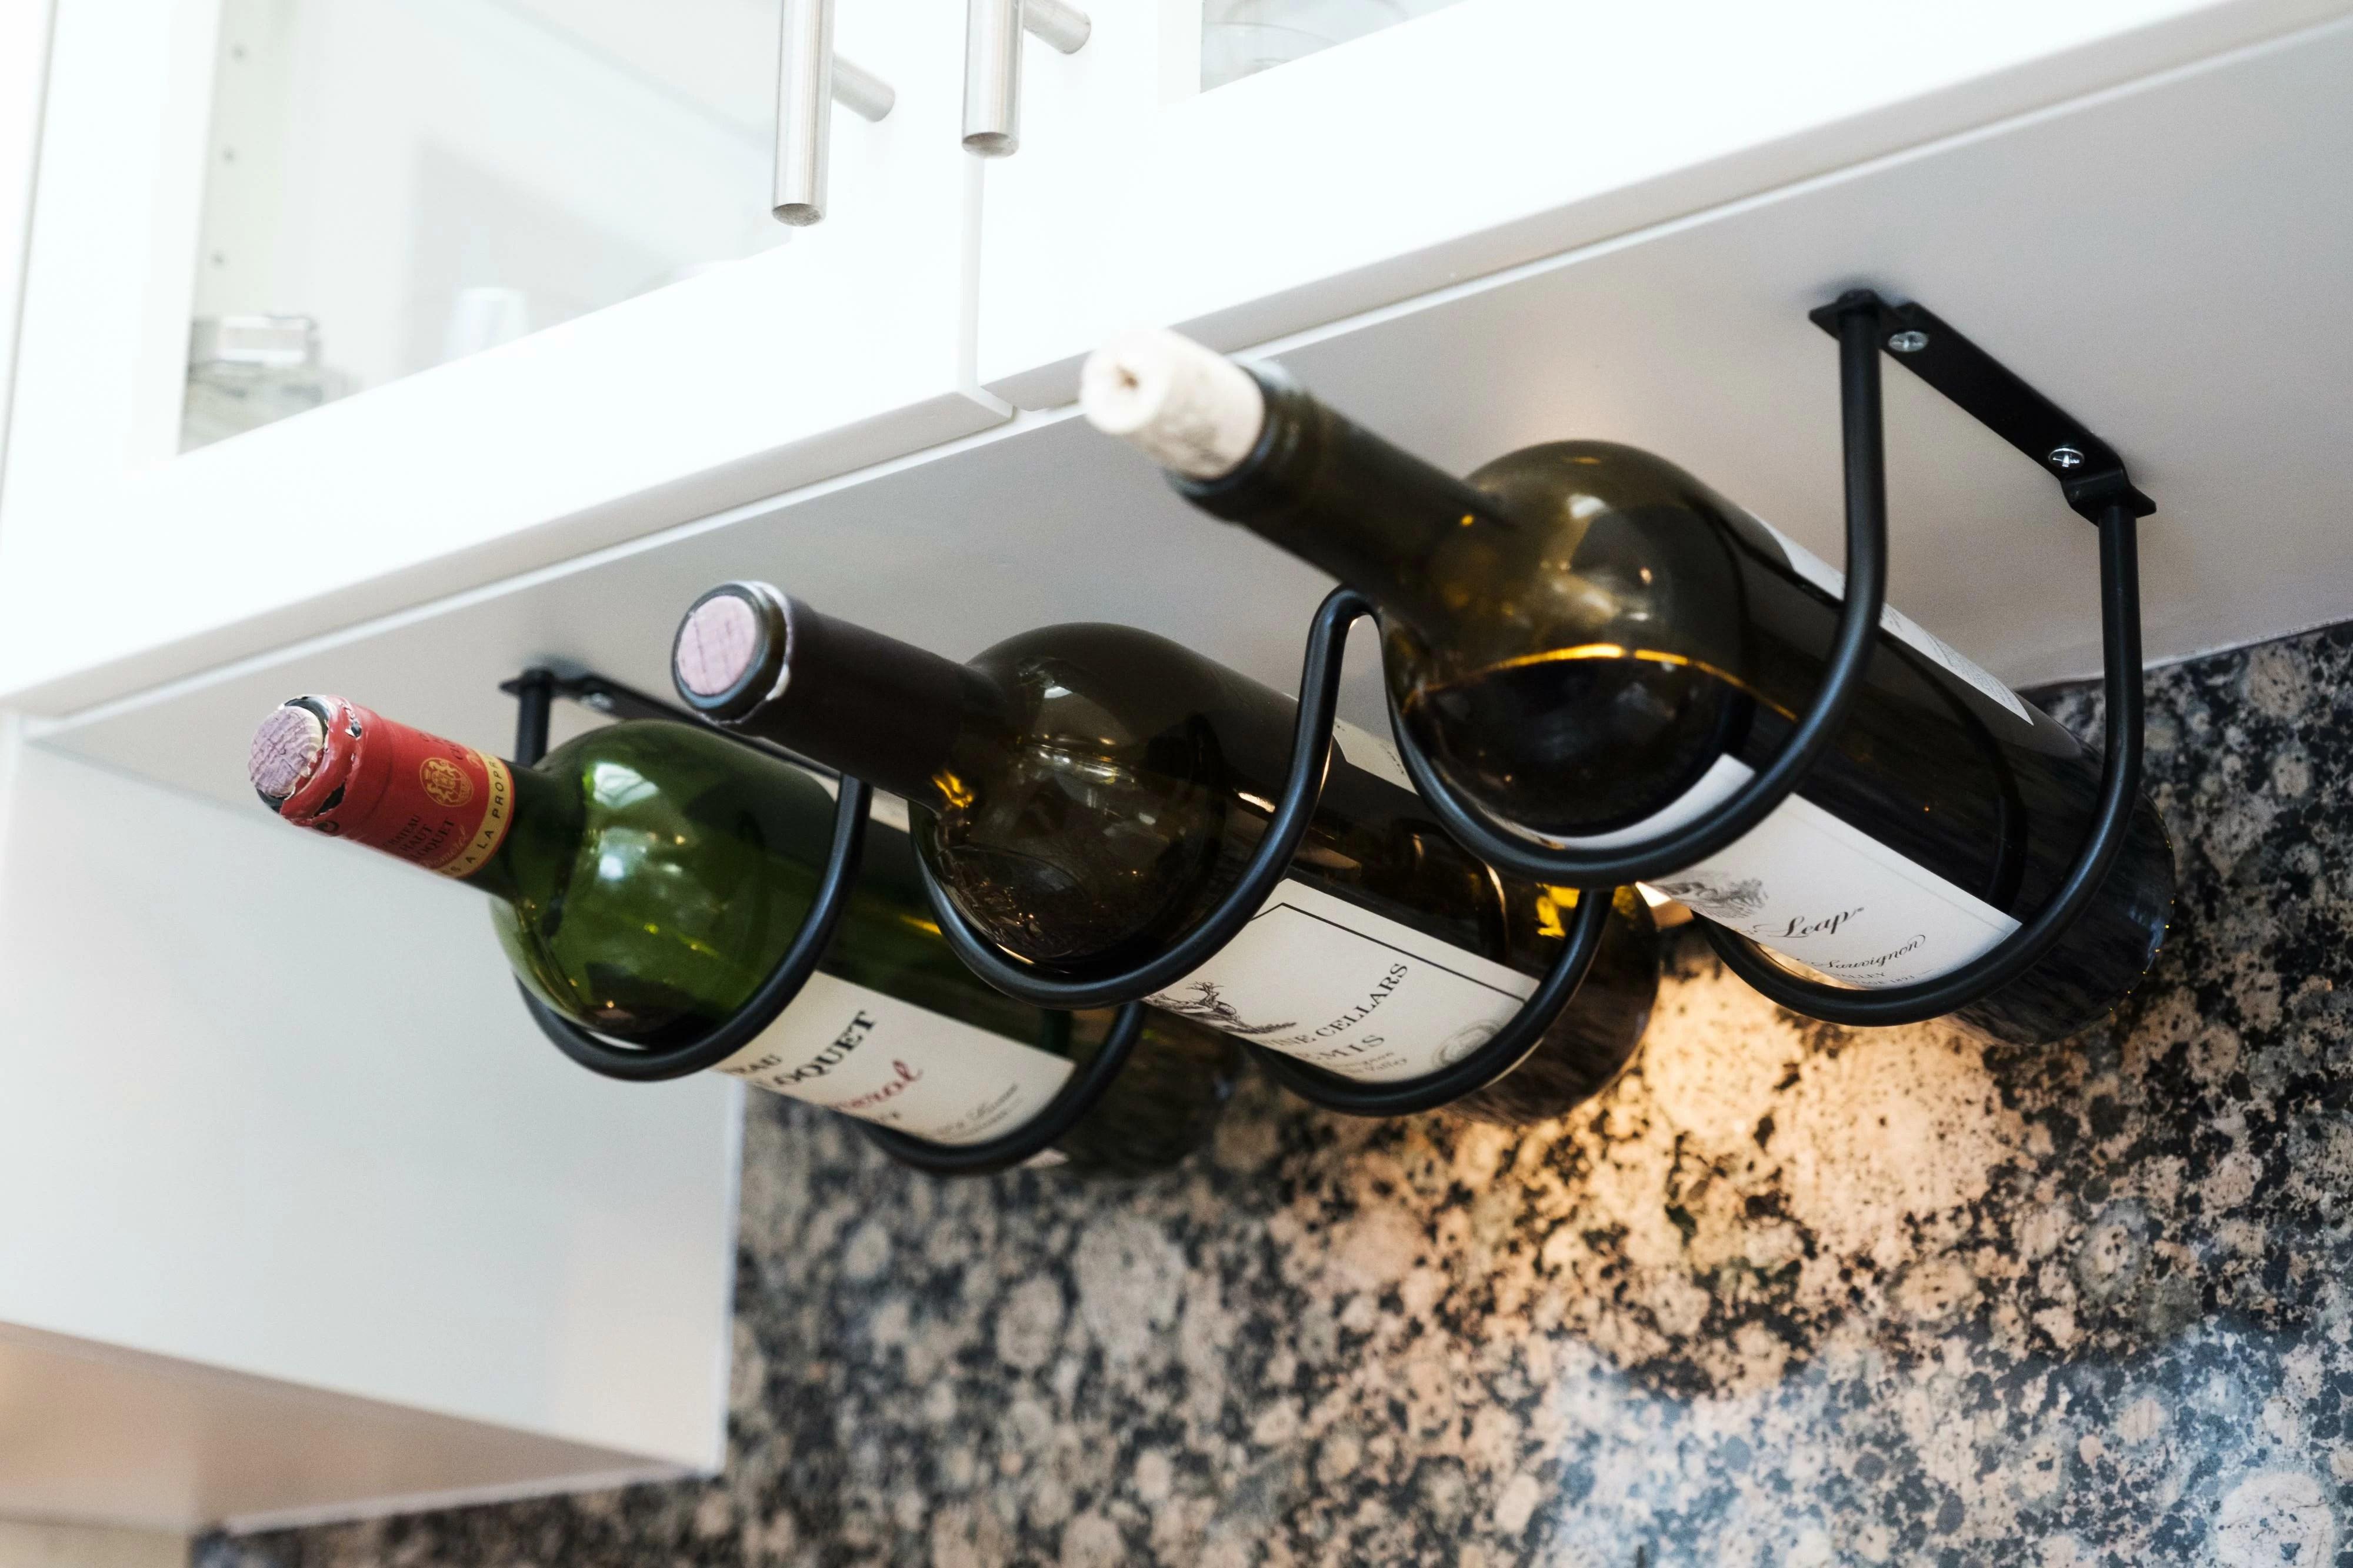 munn 3 bottle hanging wine bottle rack